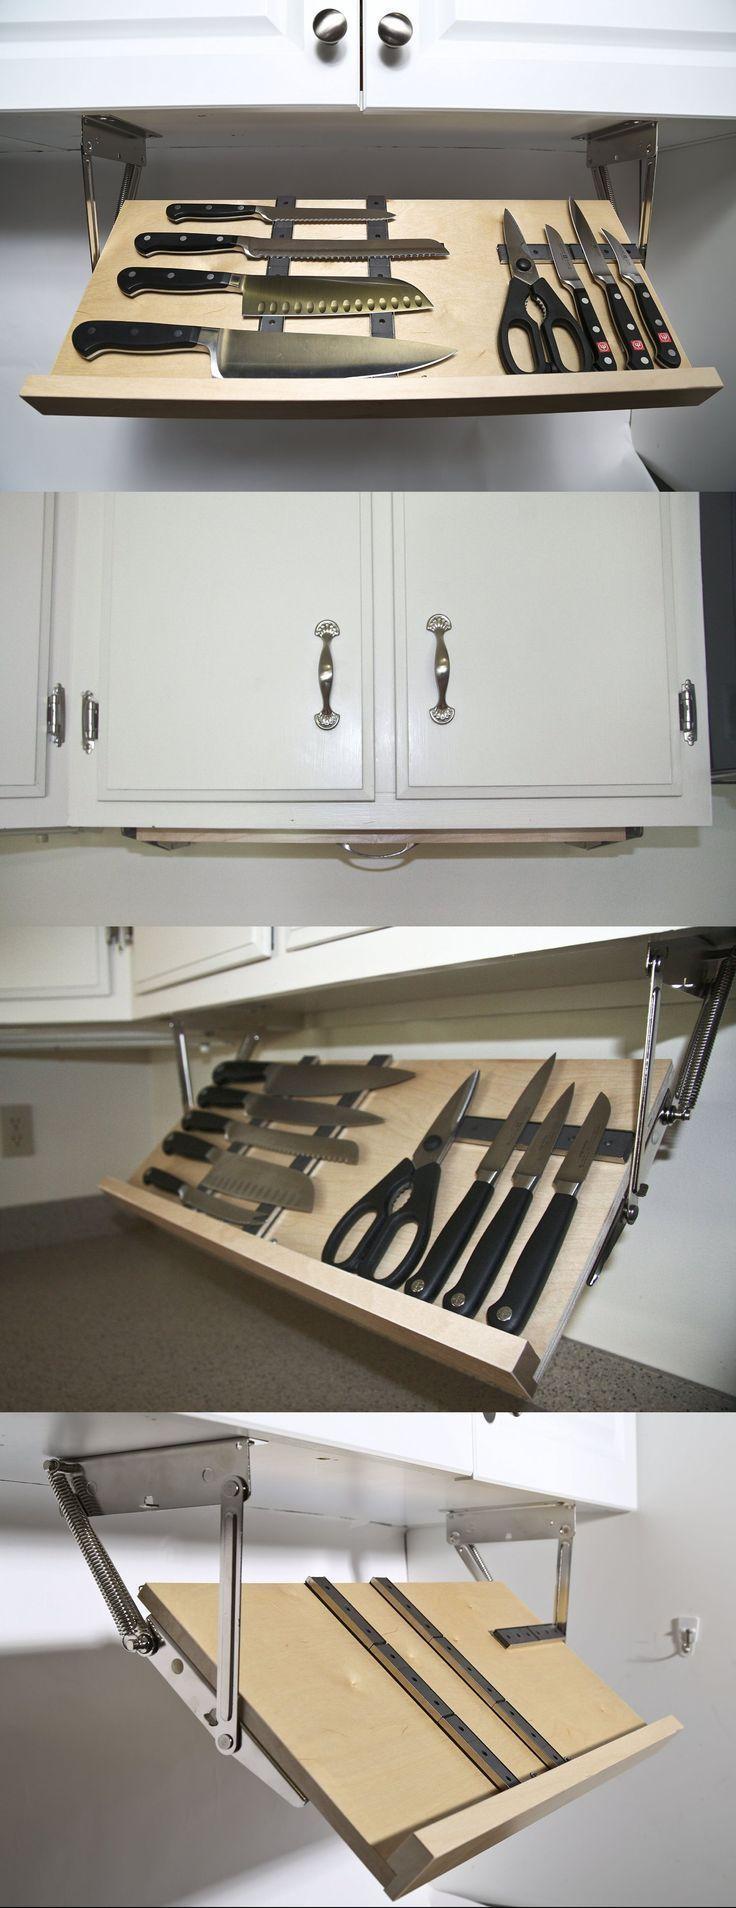 Undercabinet knife storage Love this Seems much safer van